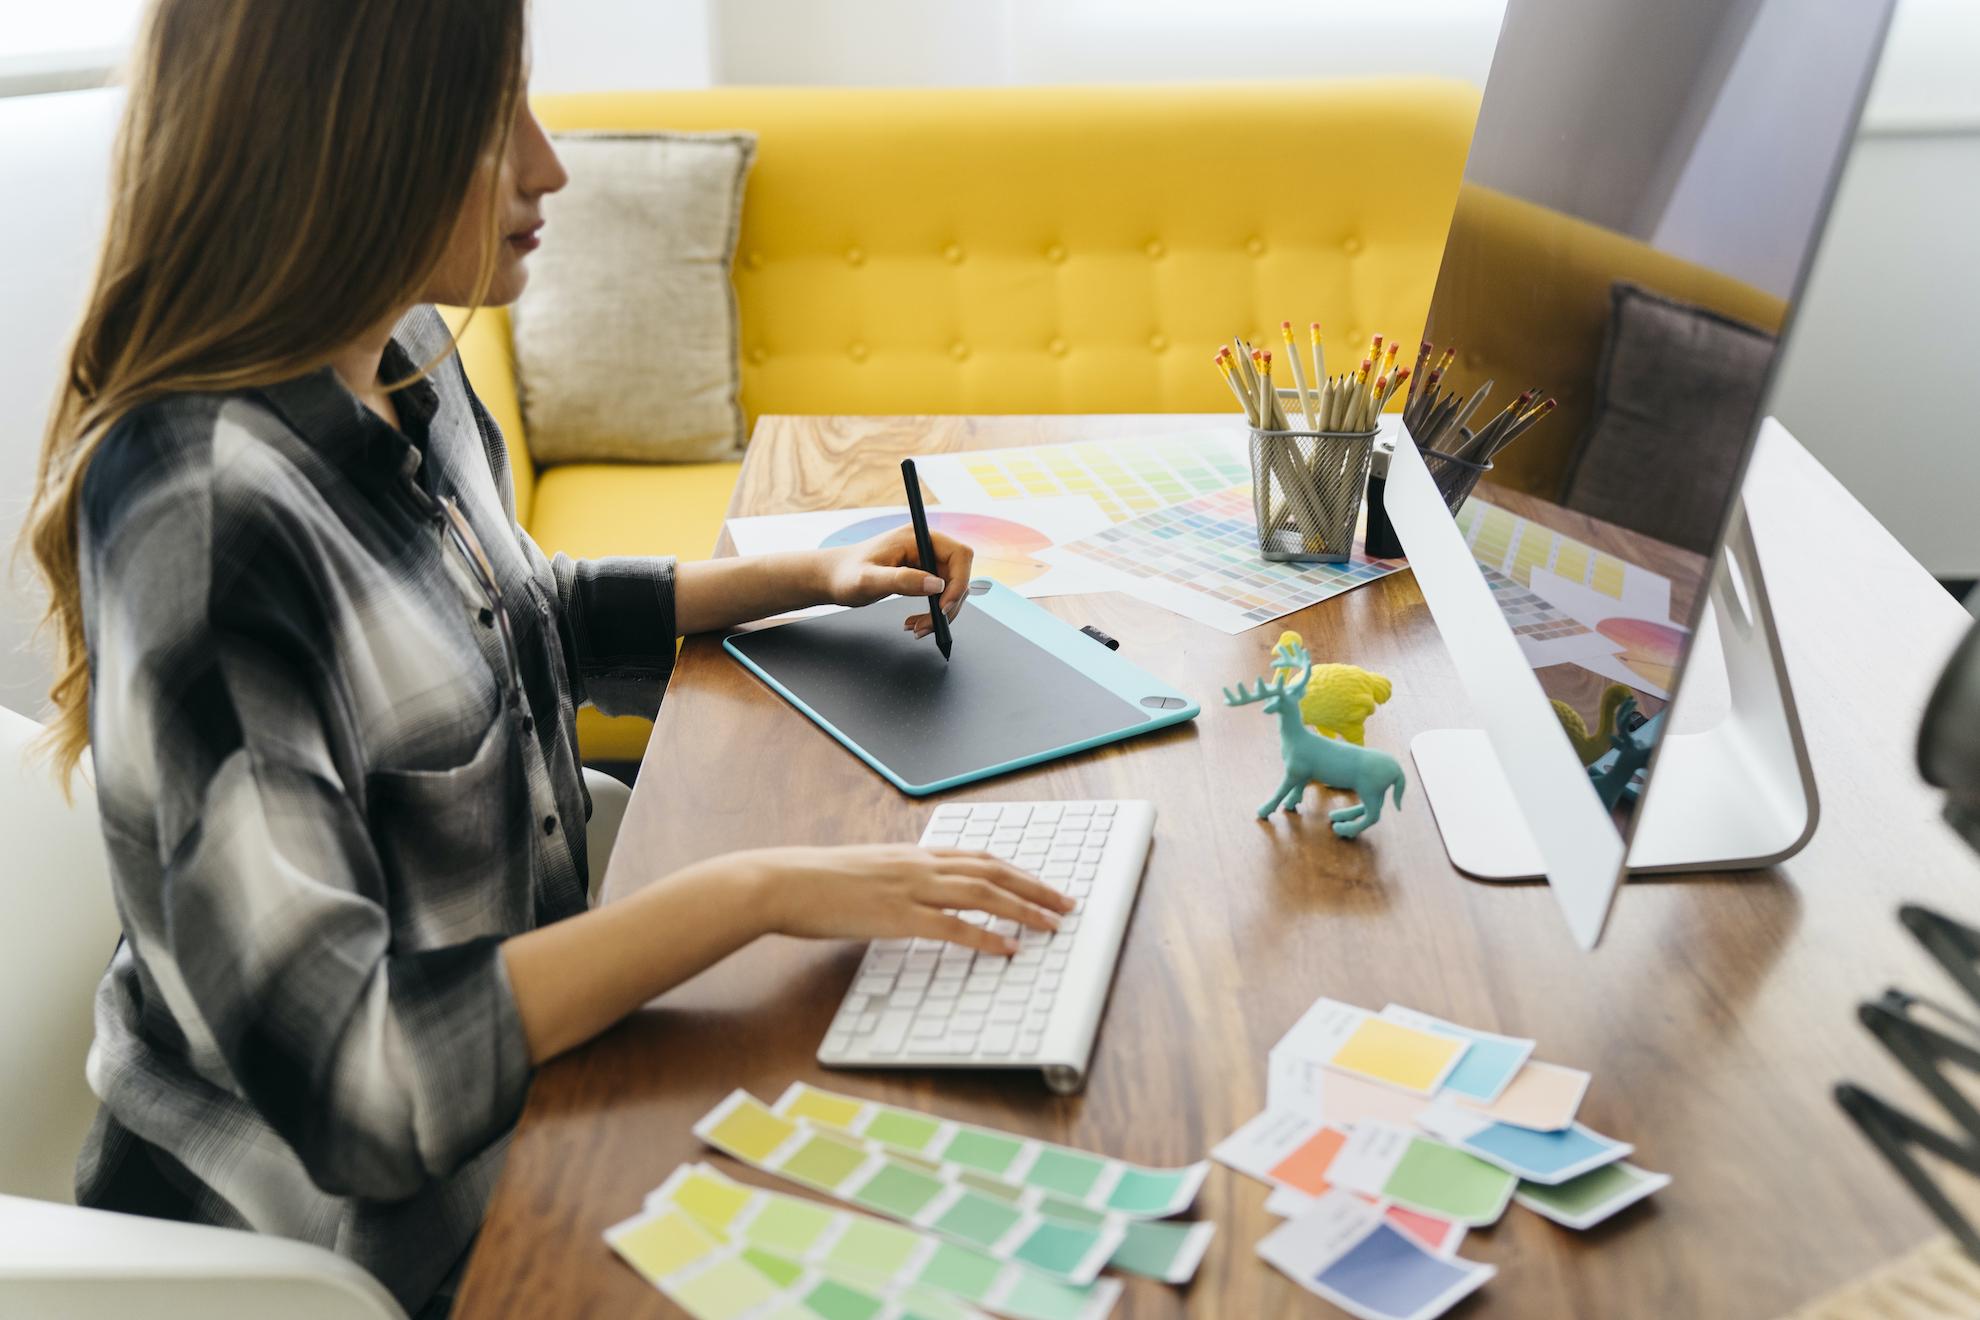 Mujer trabajando en un escritorio con una tableta y una computadora.